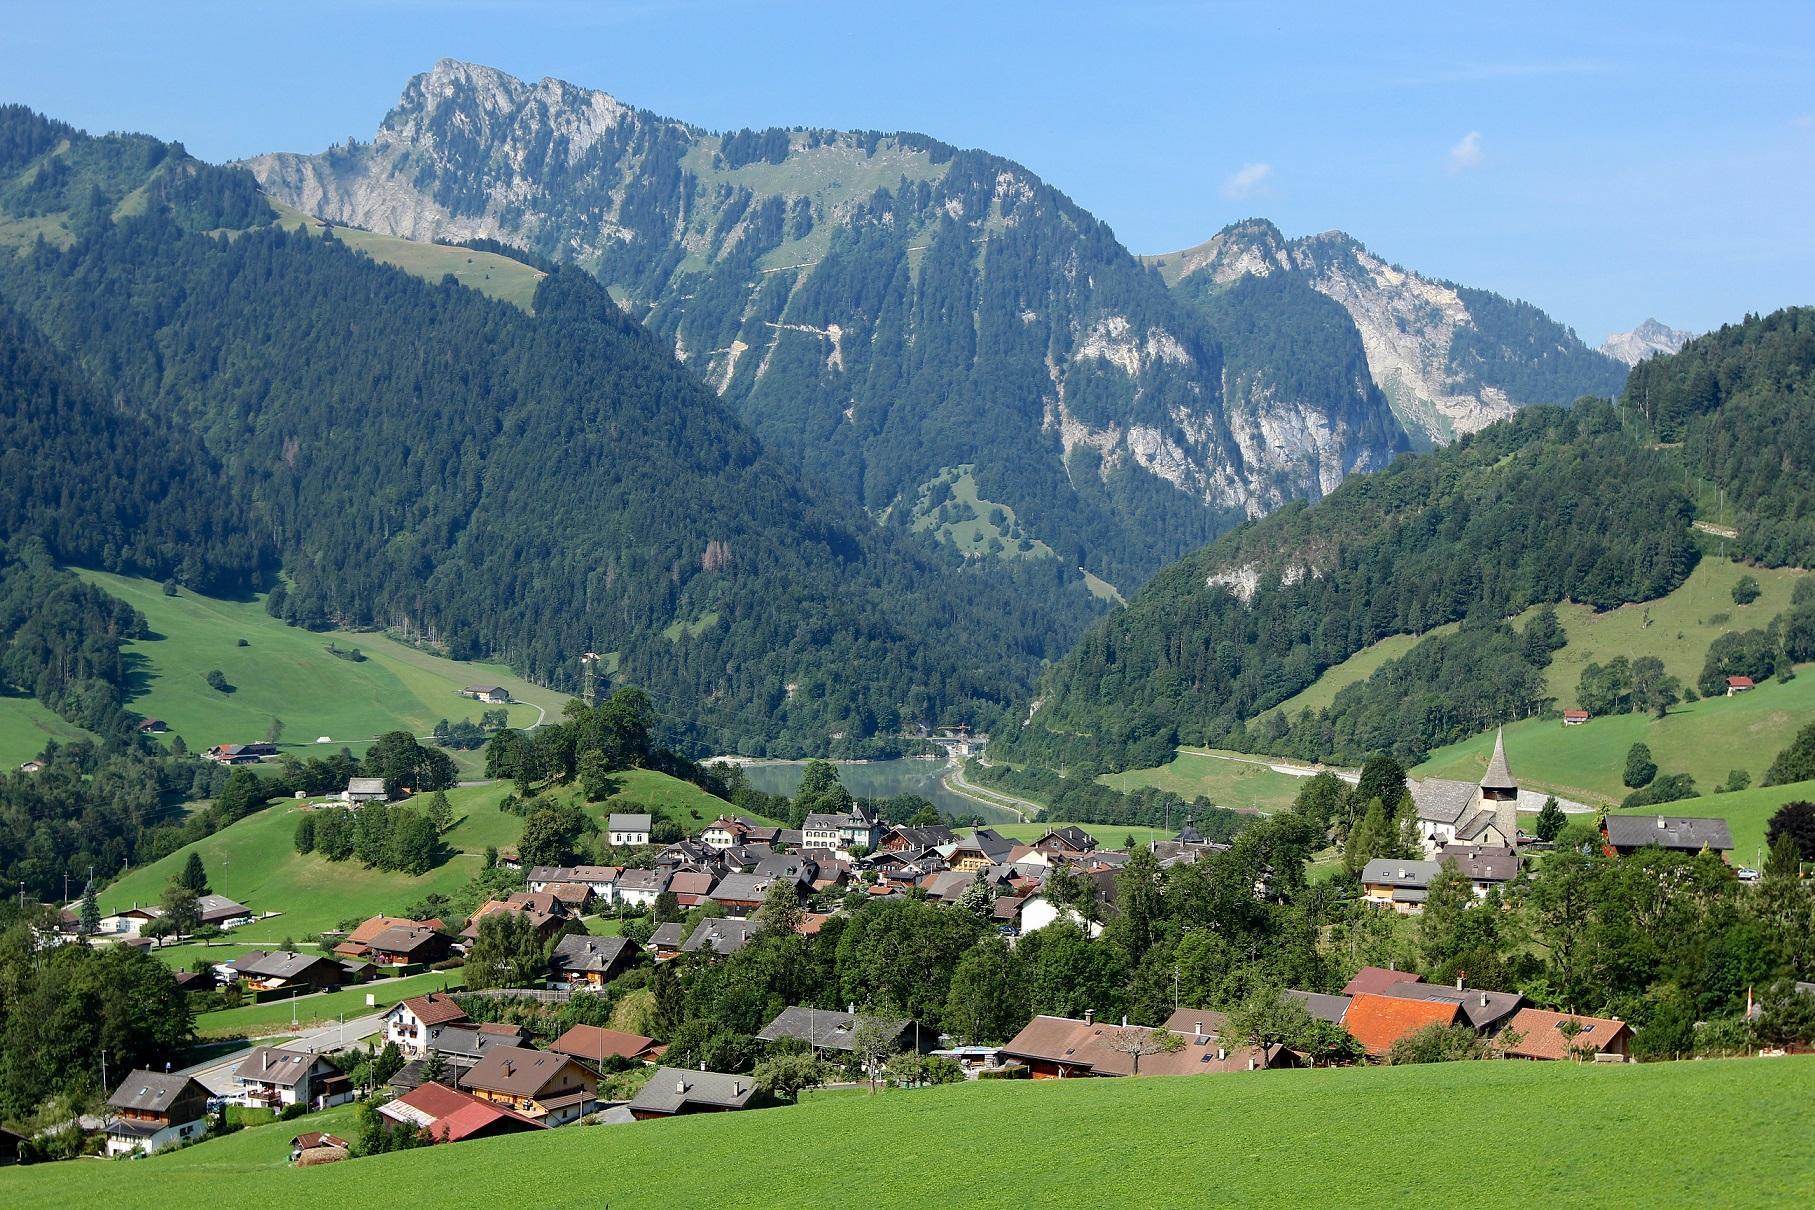 Reiseroute | Boucle de Rossinière - Pays-d'Enhaut (Schweiz)